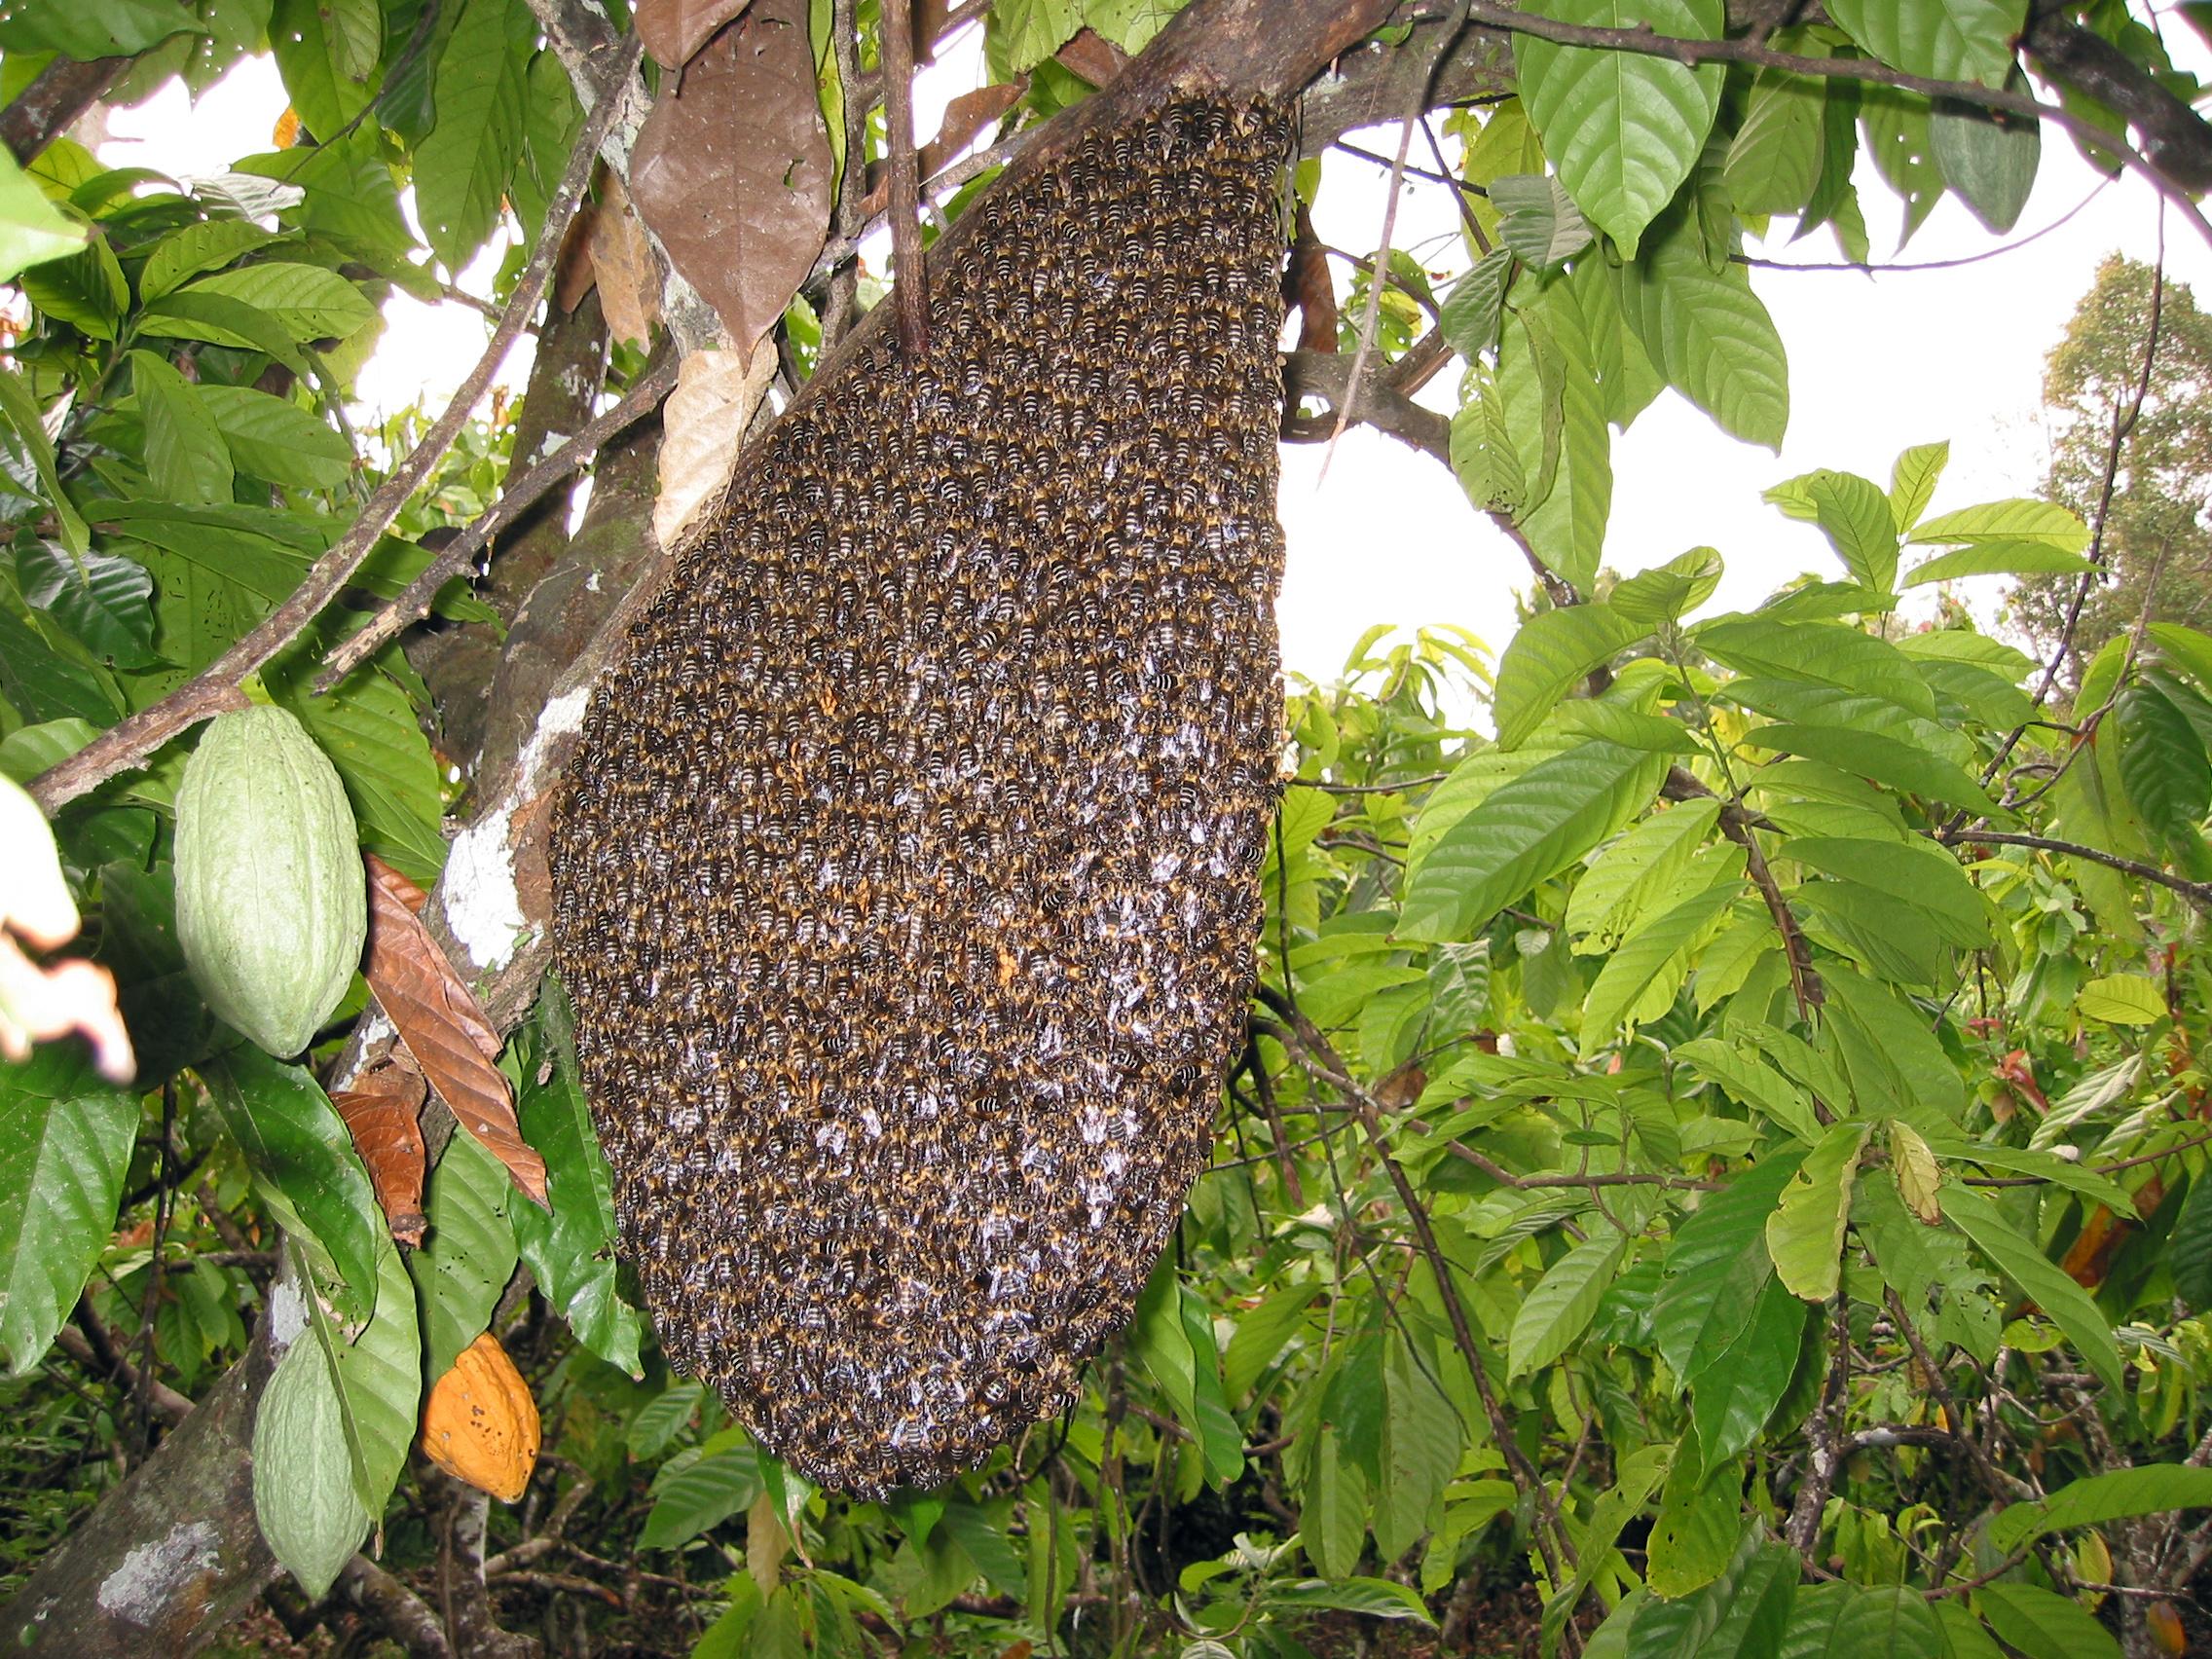 Nid d abeilles - Abeille nid dans le sol ...